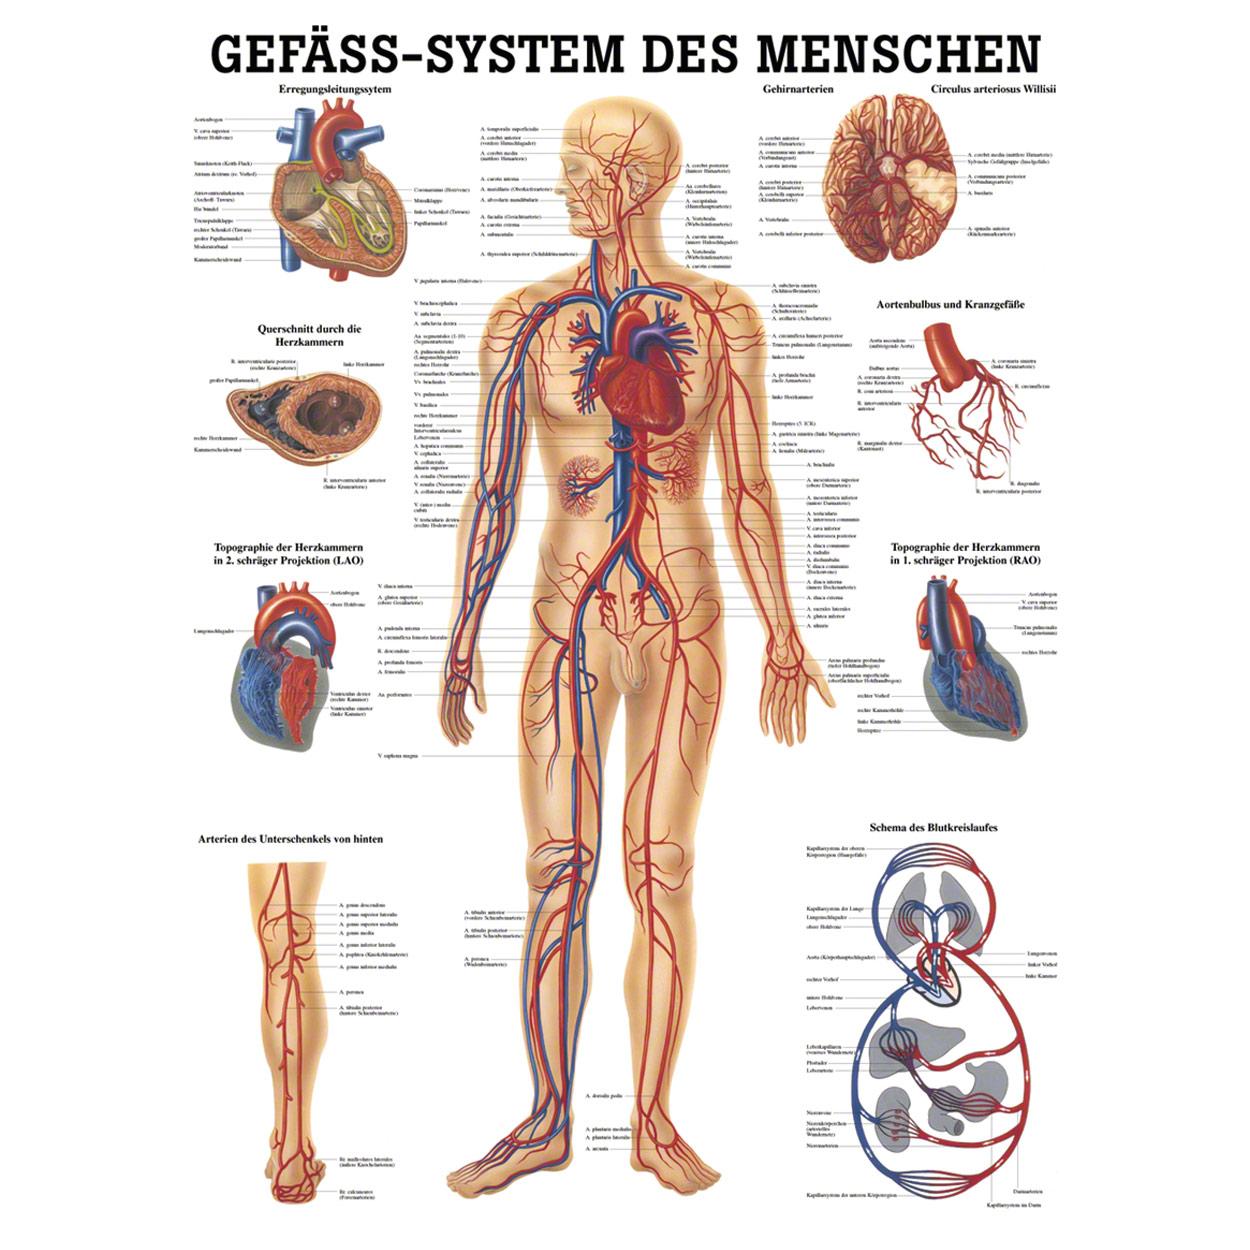 Ziemlich Anatomie Des Menschen Zurück Organe Ideen - Anatomie Ideen ...